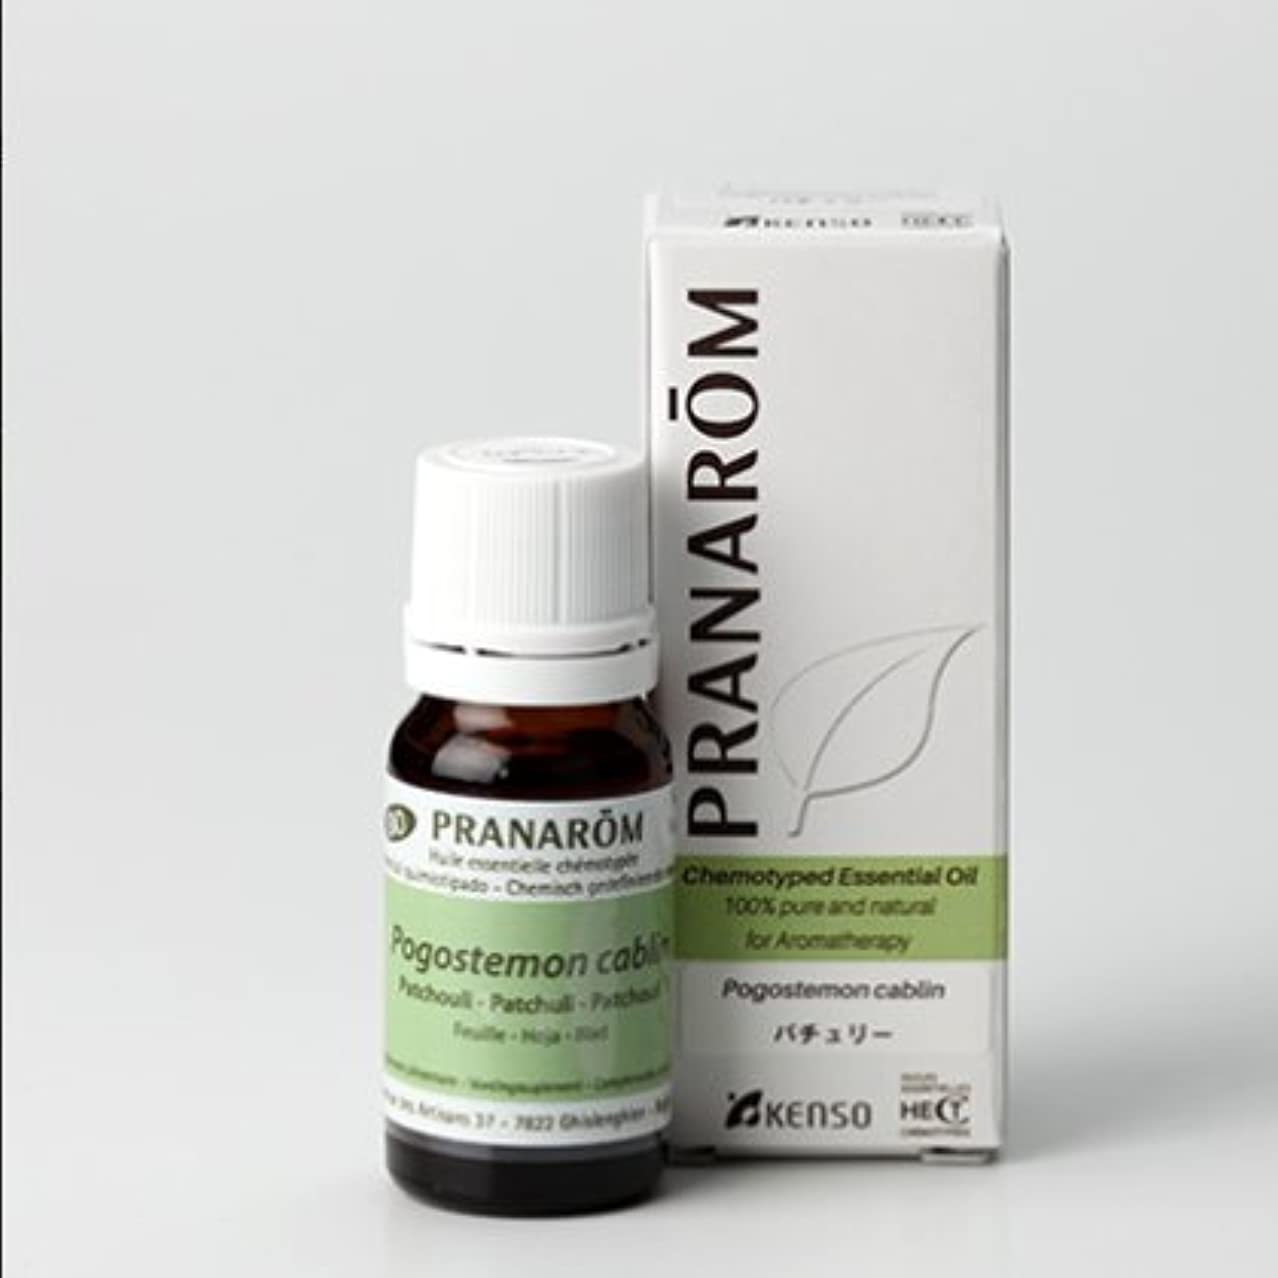 ディスコ慢性的フィットパチュリー 10mlベースノート プラナロム社エッセンシャルオイル(精油)